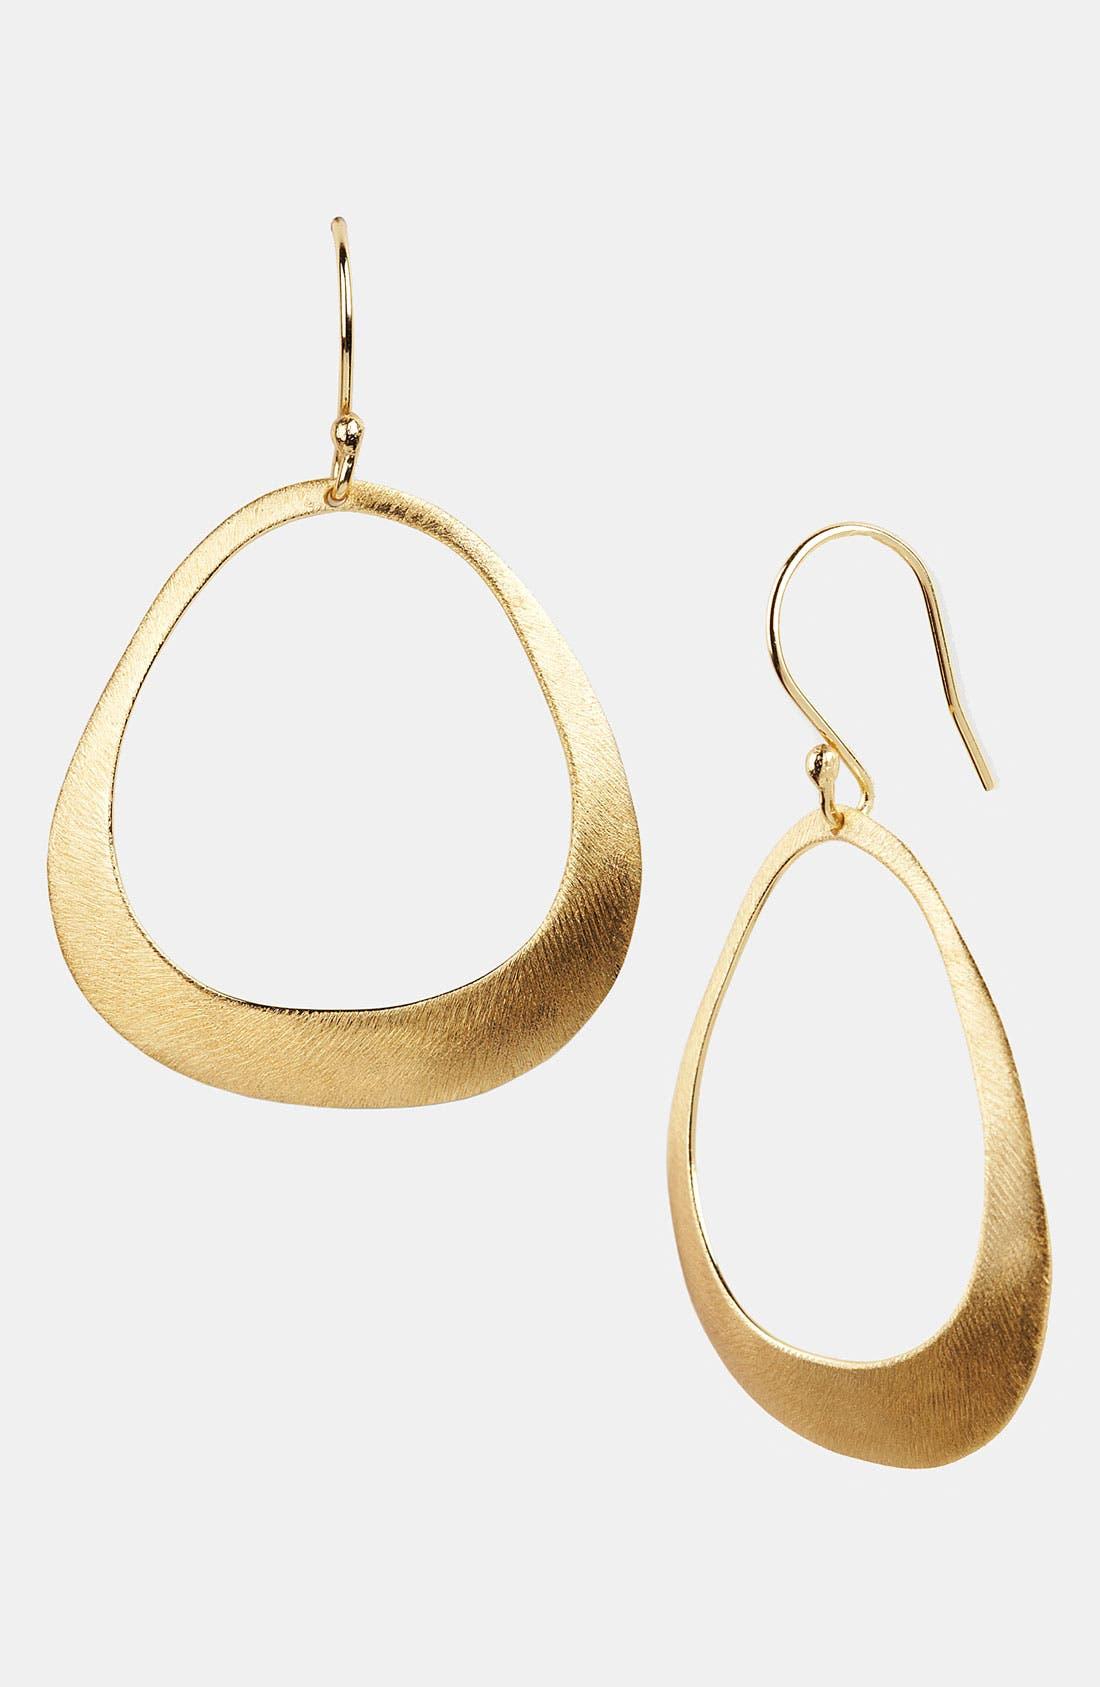 Alternate Image 1 Selected - Argento Vivo Frontal Hoop Earrings (Nordstrom Exclusive)